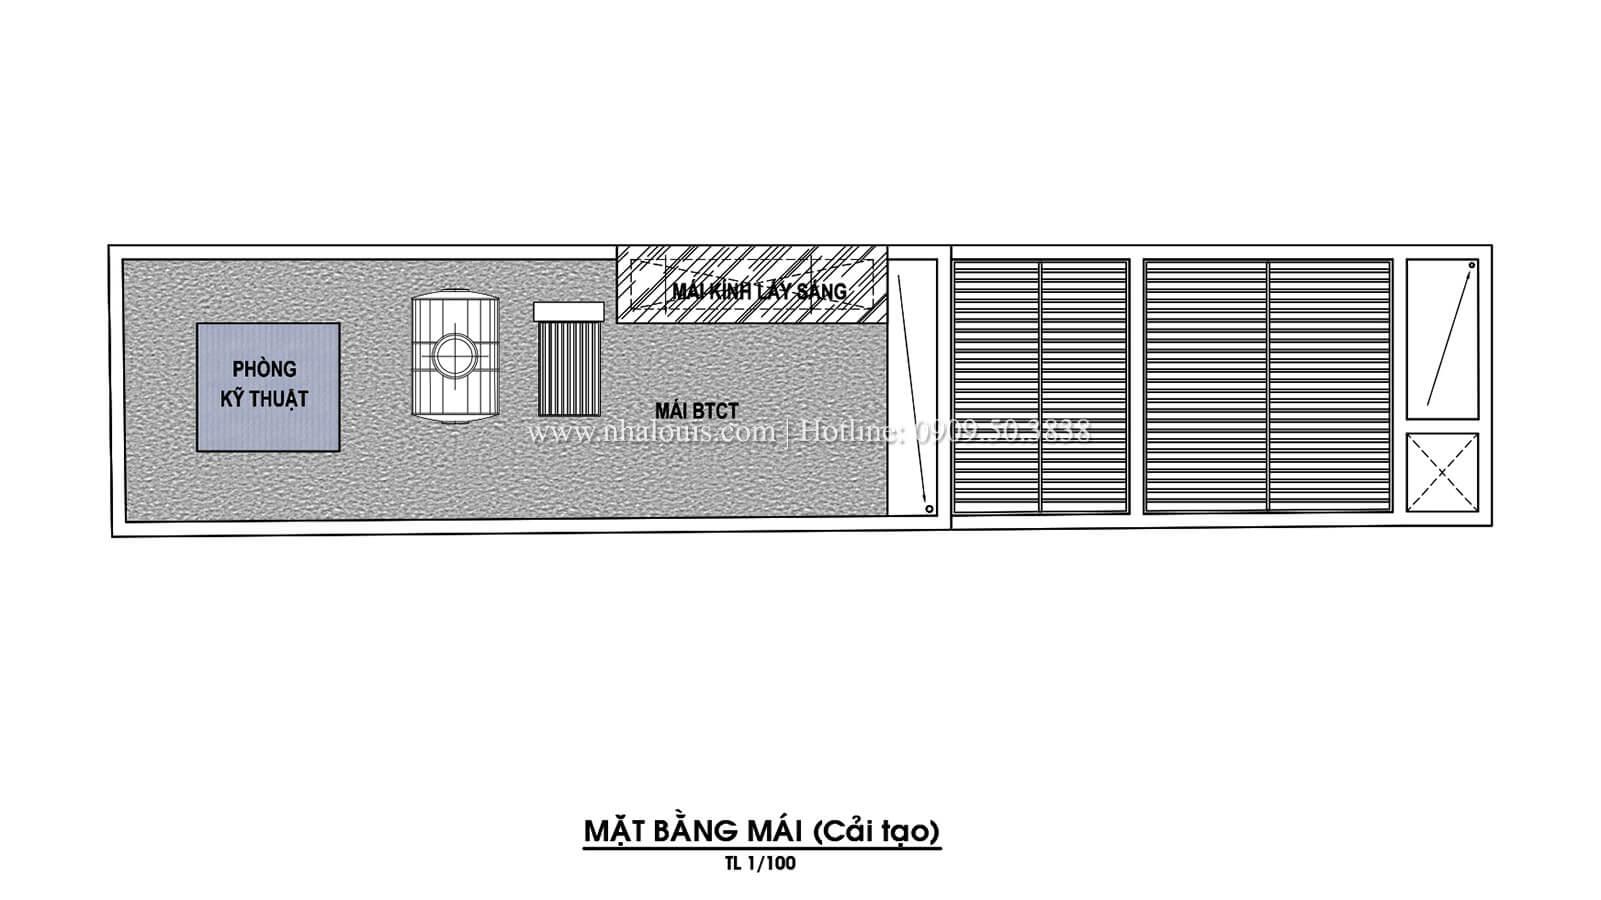 Mặt bằng tầng mái Thiết kế cải tạo nhà phố 6 tầng chuẩn tinh tế tại Quận 11 - 11